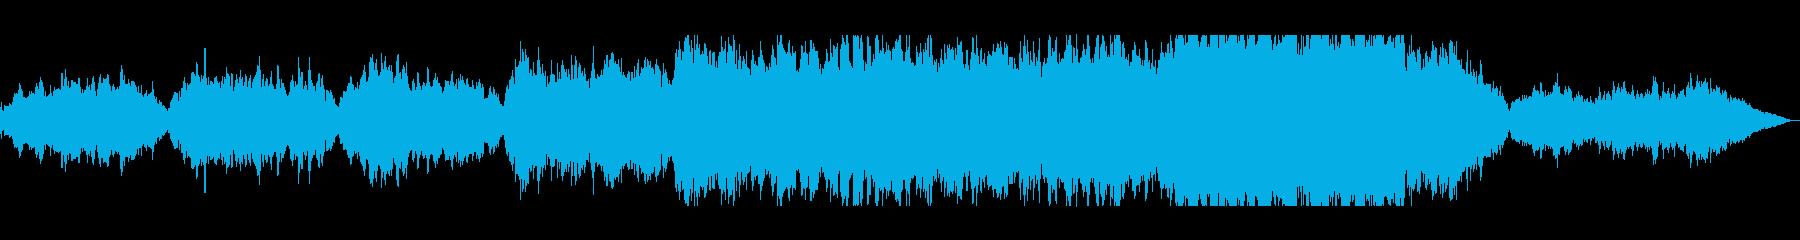 美しく透明感のあるシンセサウンドの再生済みの波形